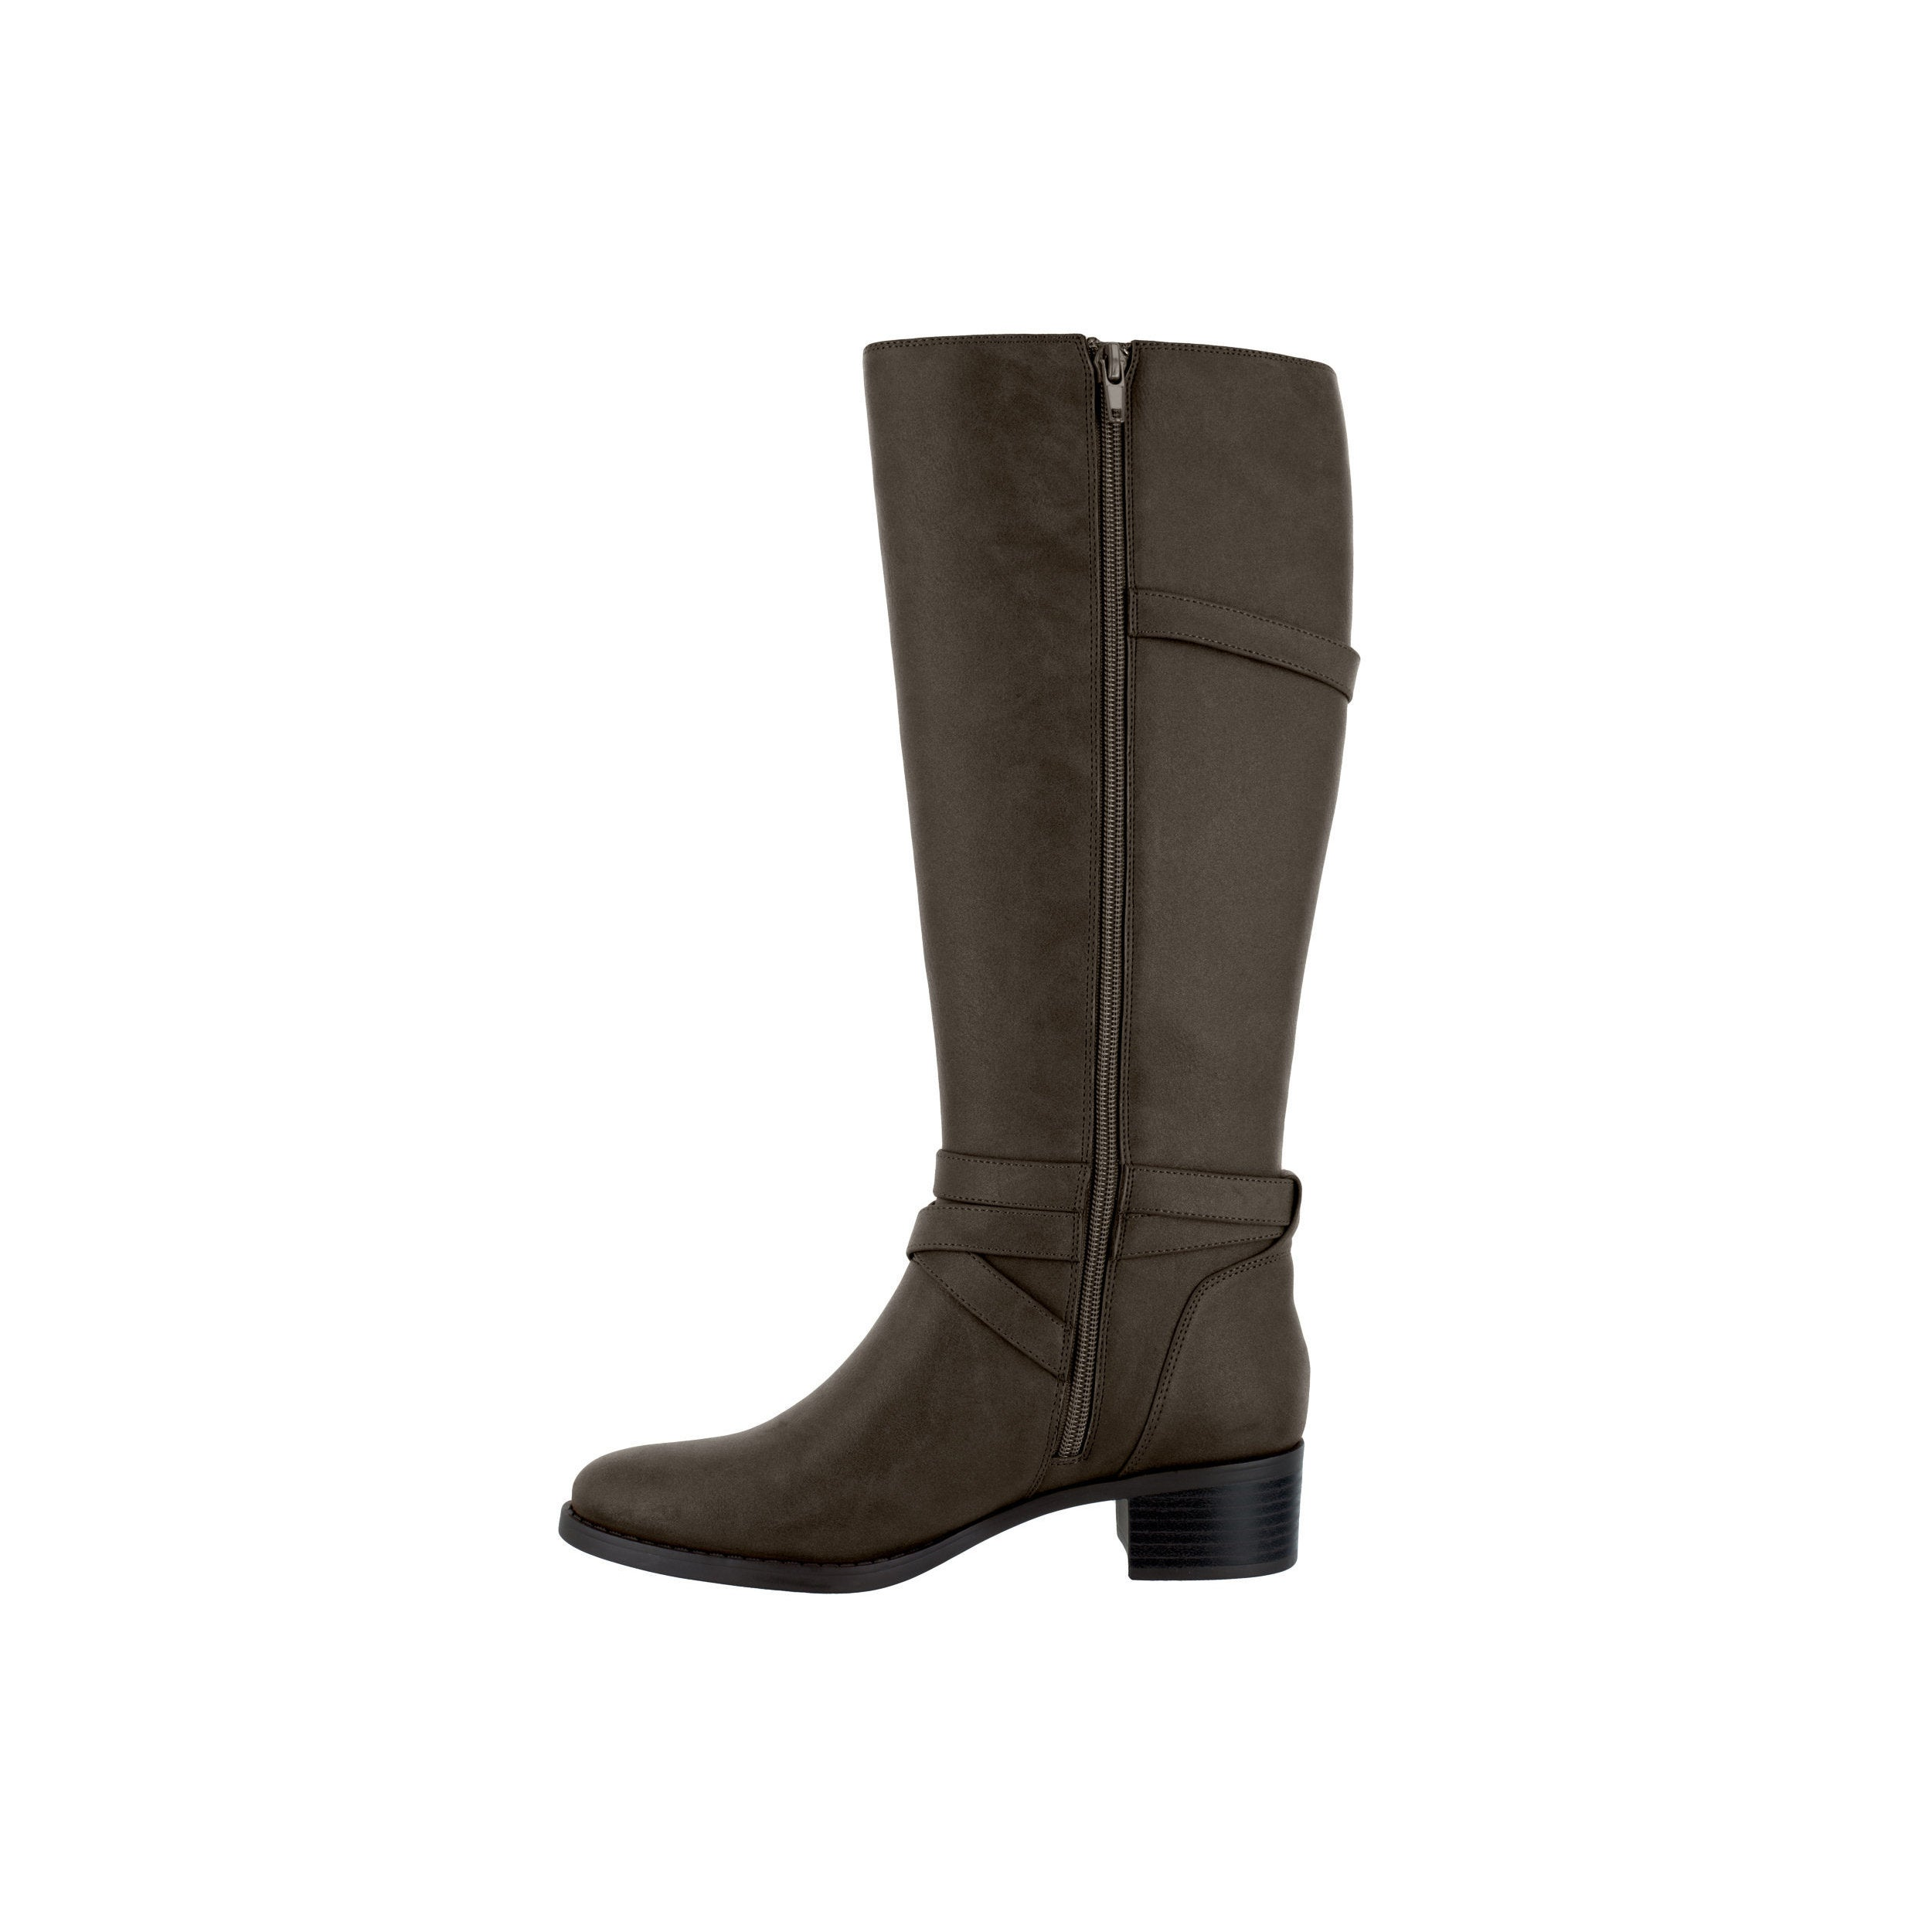 Easy Street Carlita Plus Tall Wide Calf Boot aBKlH7aes